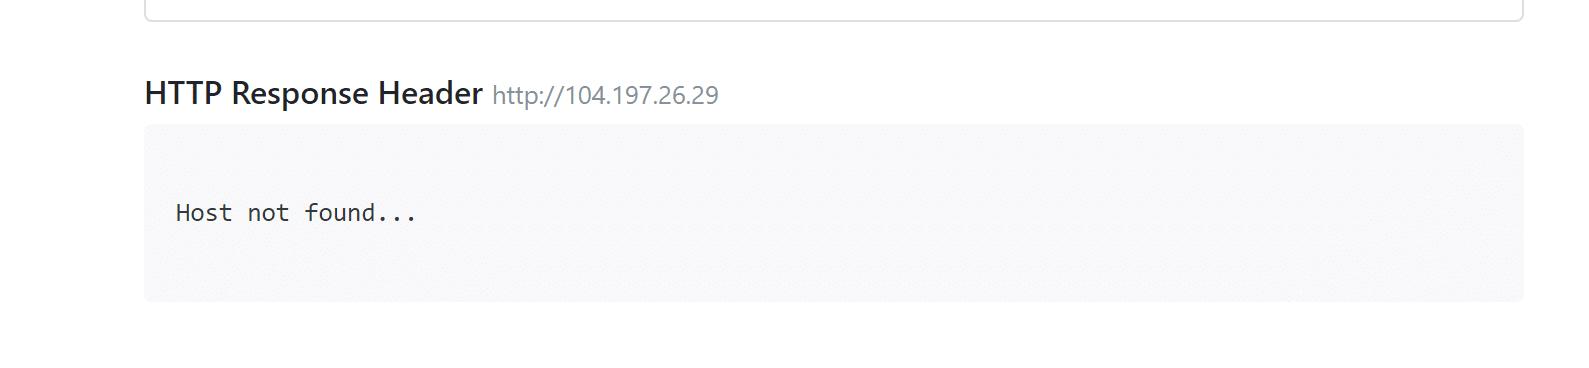 Un exemple de problème avec votre serveur